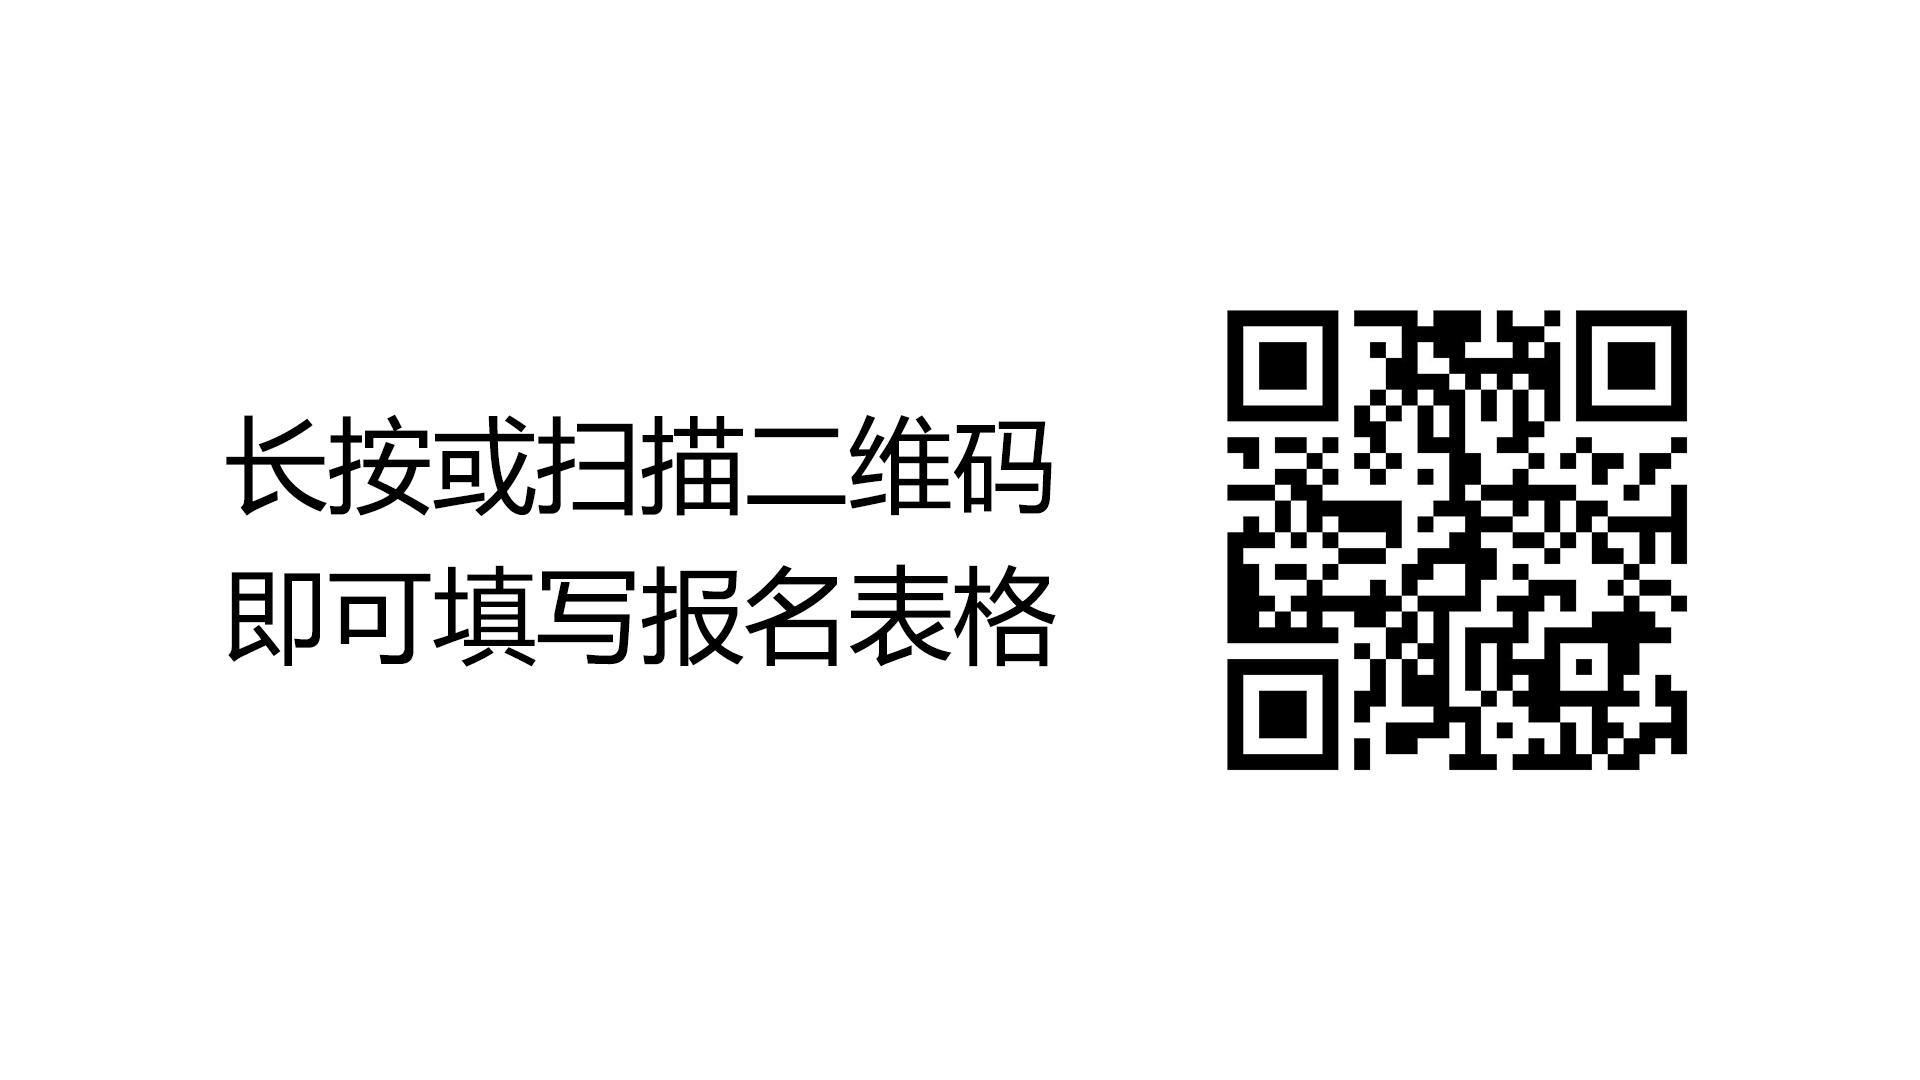 招募 | 2018 UHD/HDR 视频调校大师课程启动!